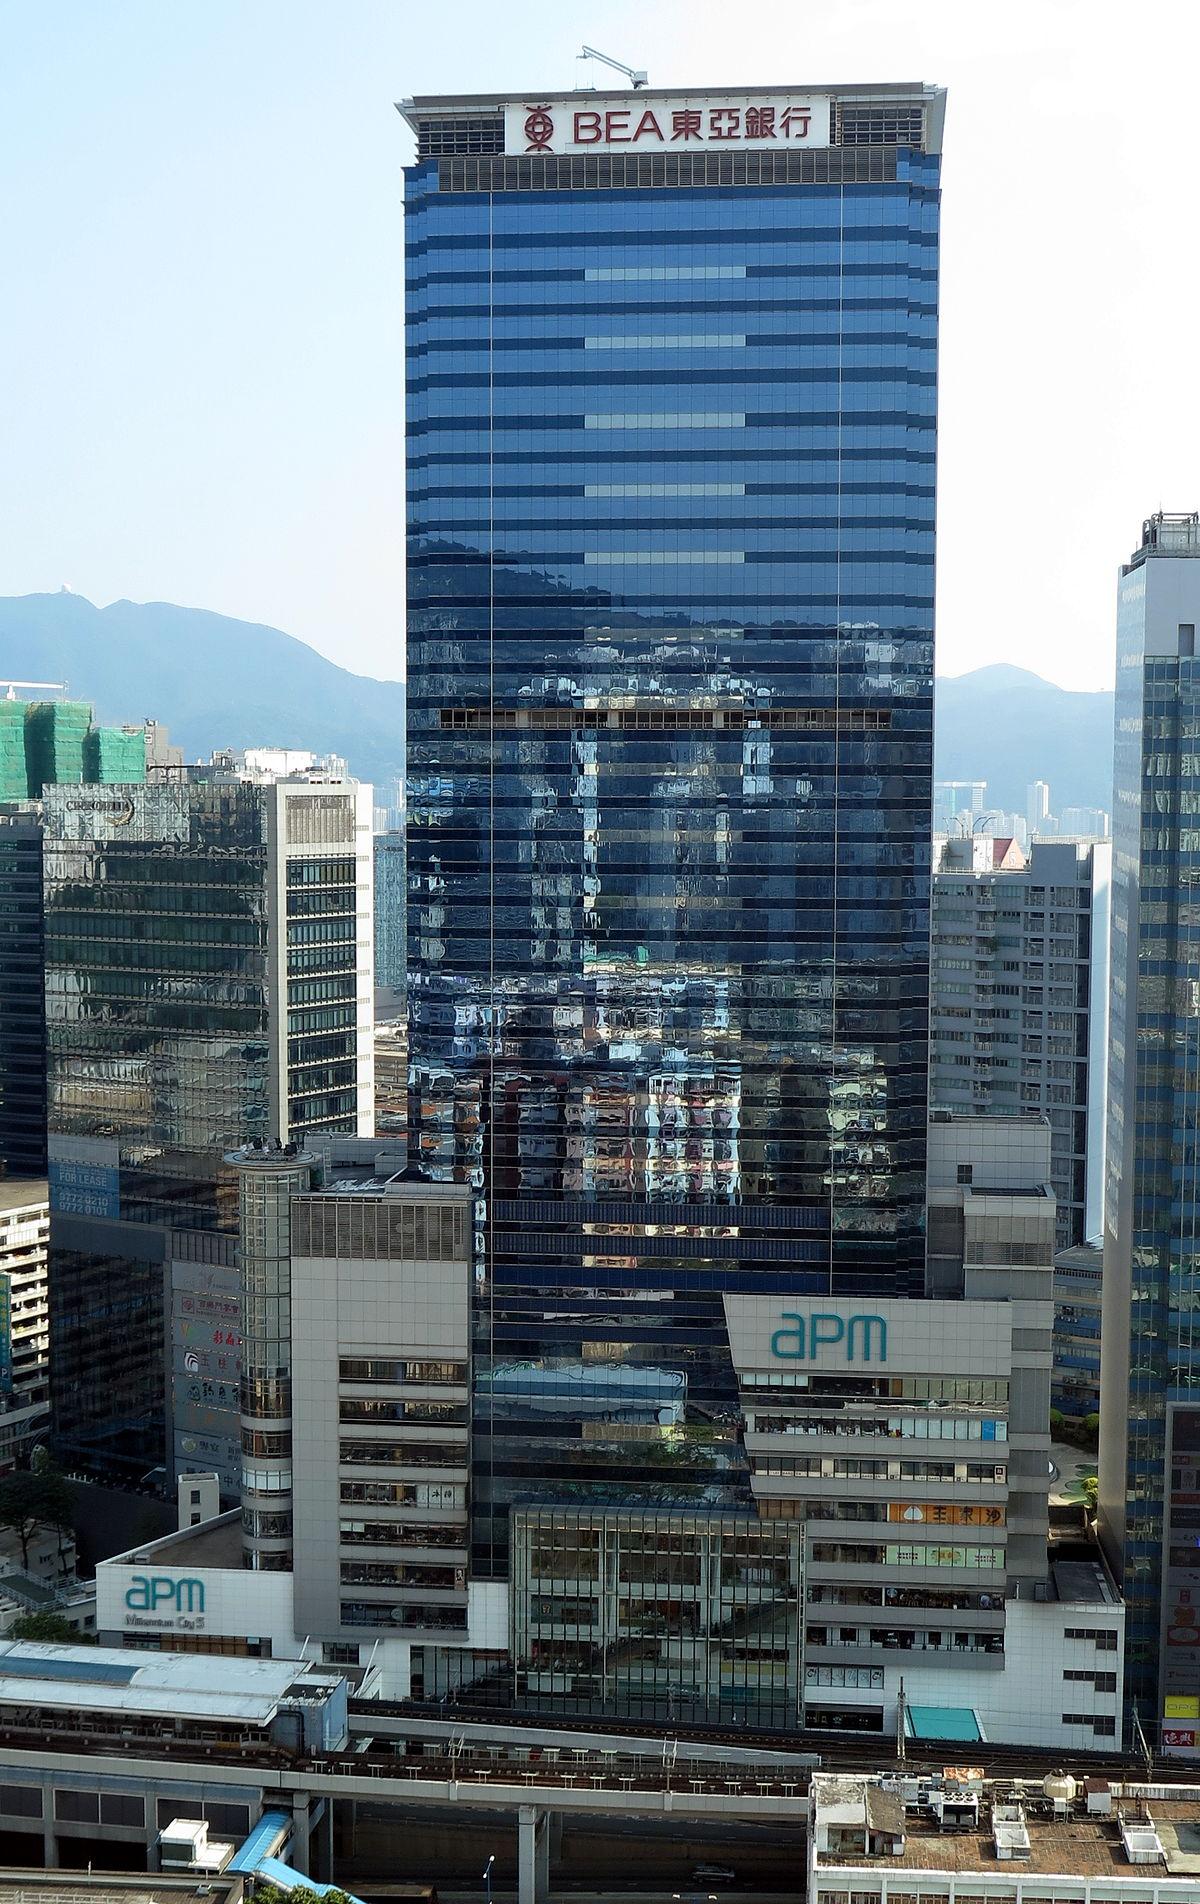 apm hong kong wikipedia